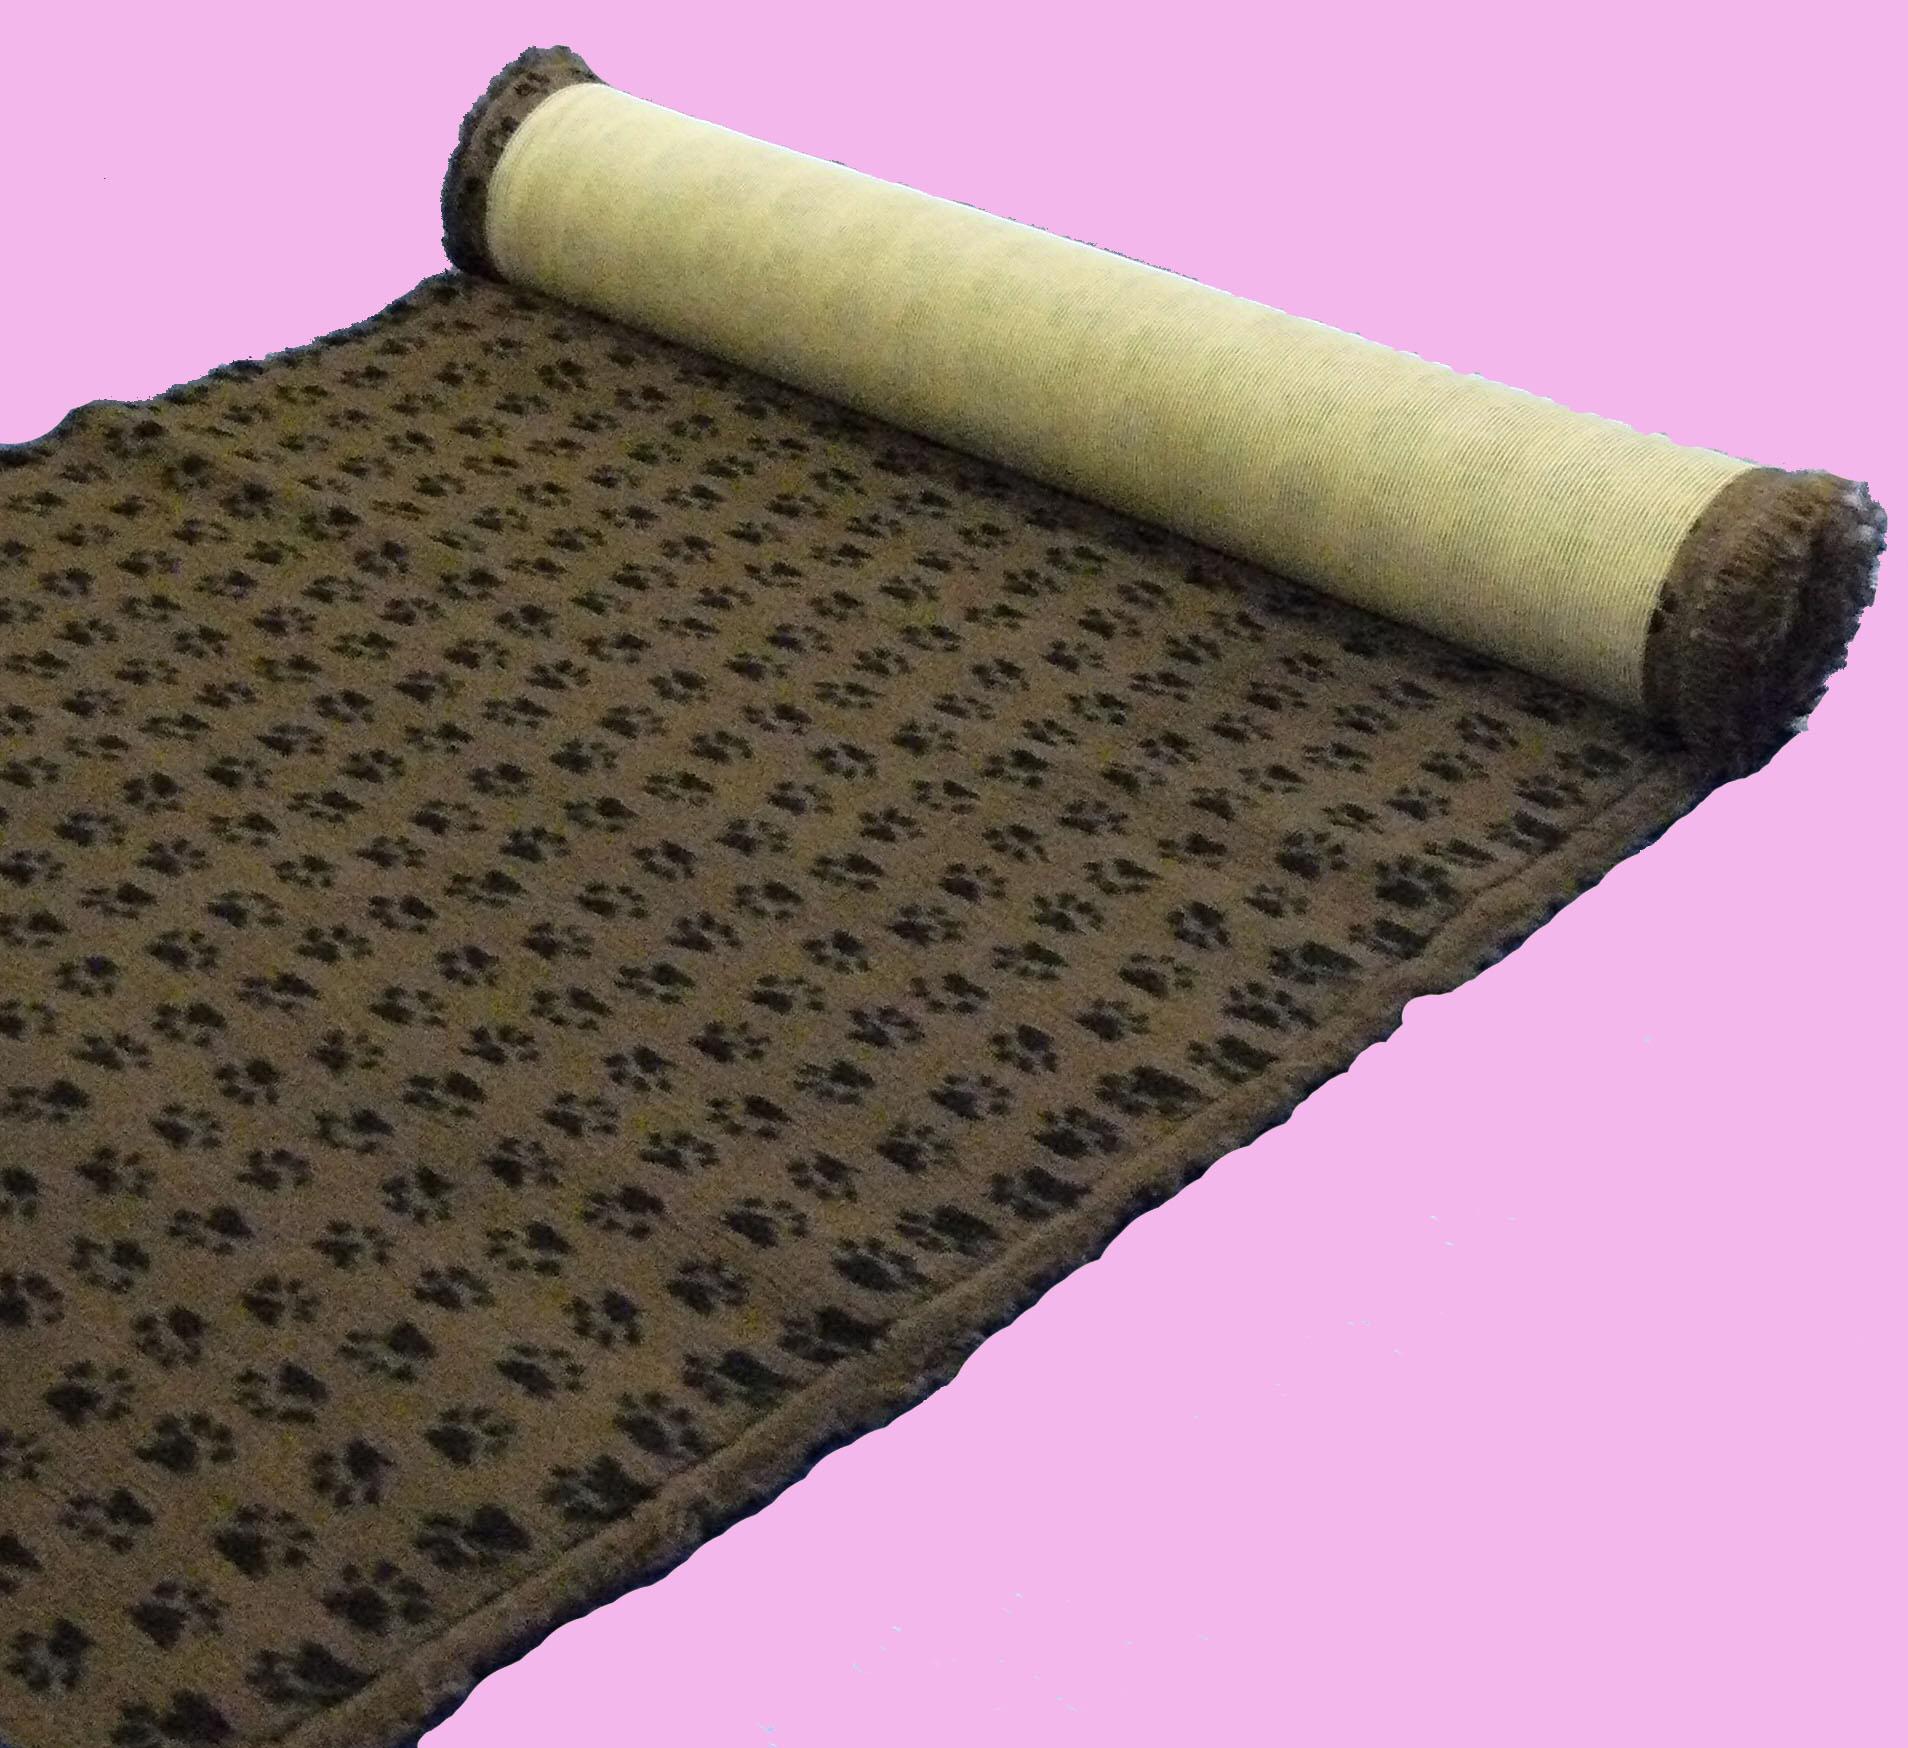 Tapis Confortbed Vetbed Dry anti-dérapant marron à pattes noires, épaisseur 26 mm,longueur selon commande